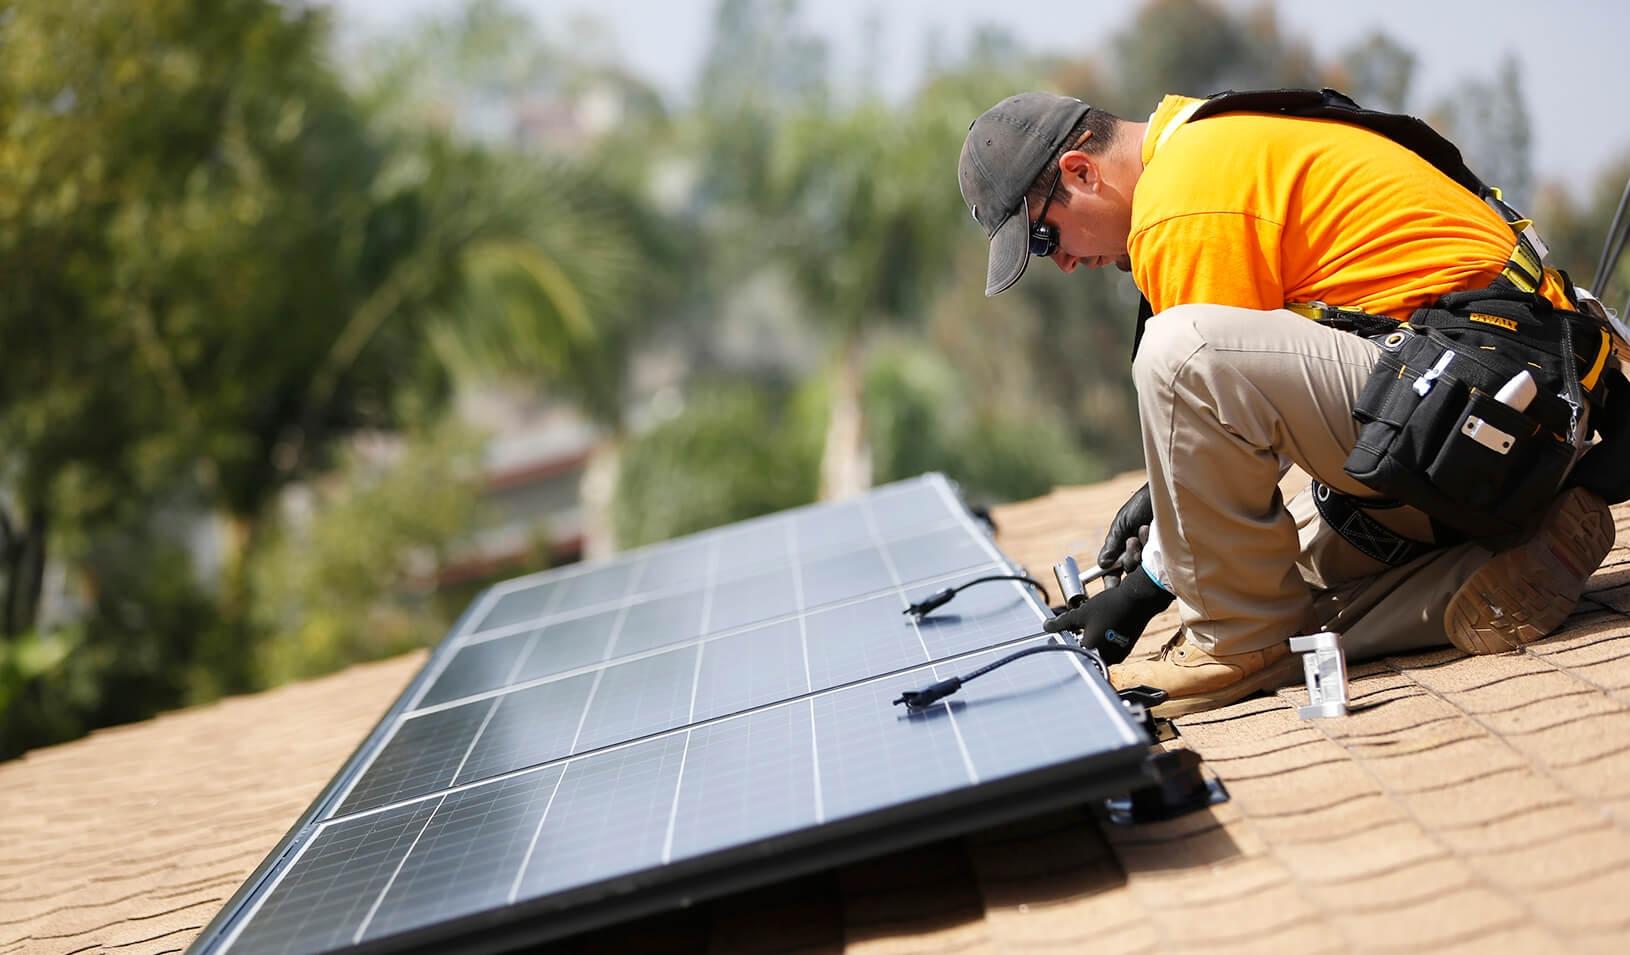 Panneaux solaire - Installateur